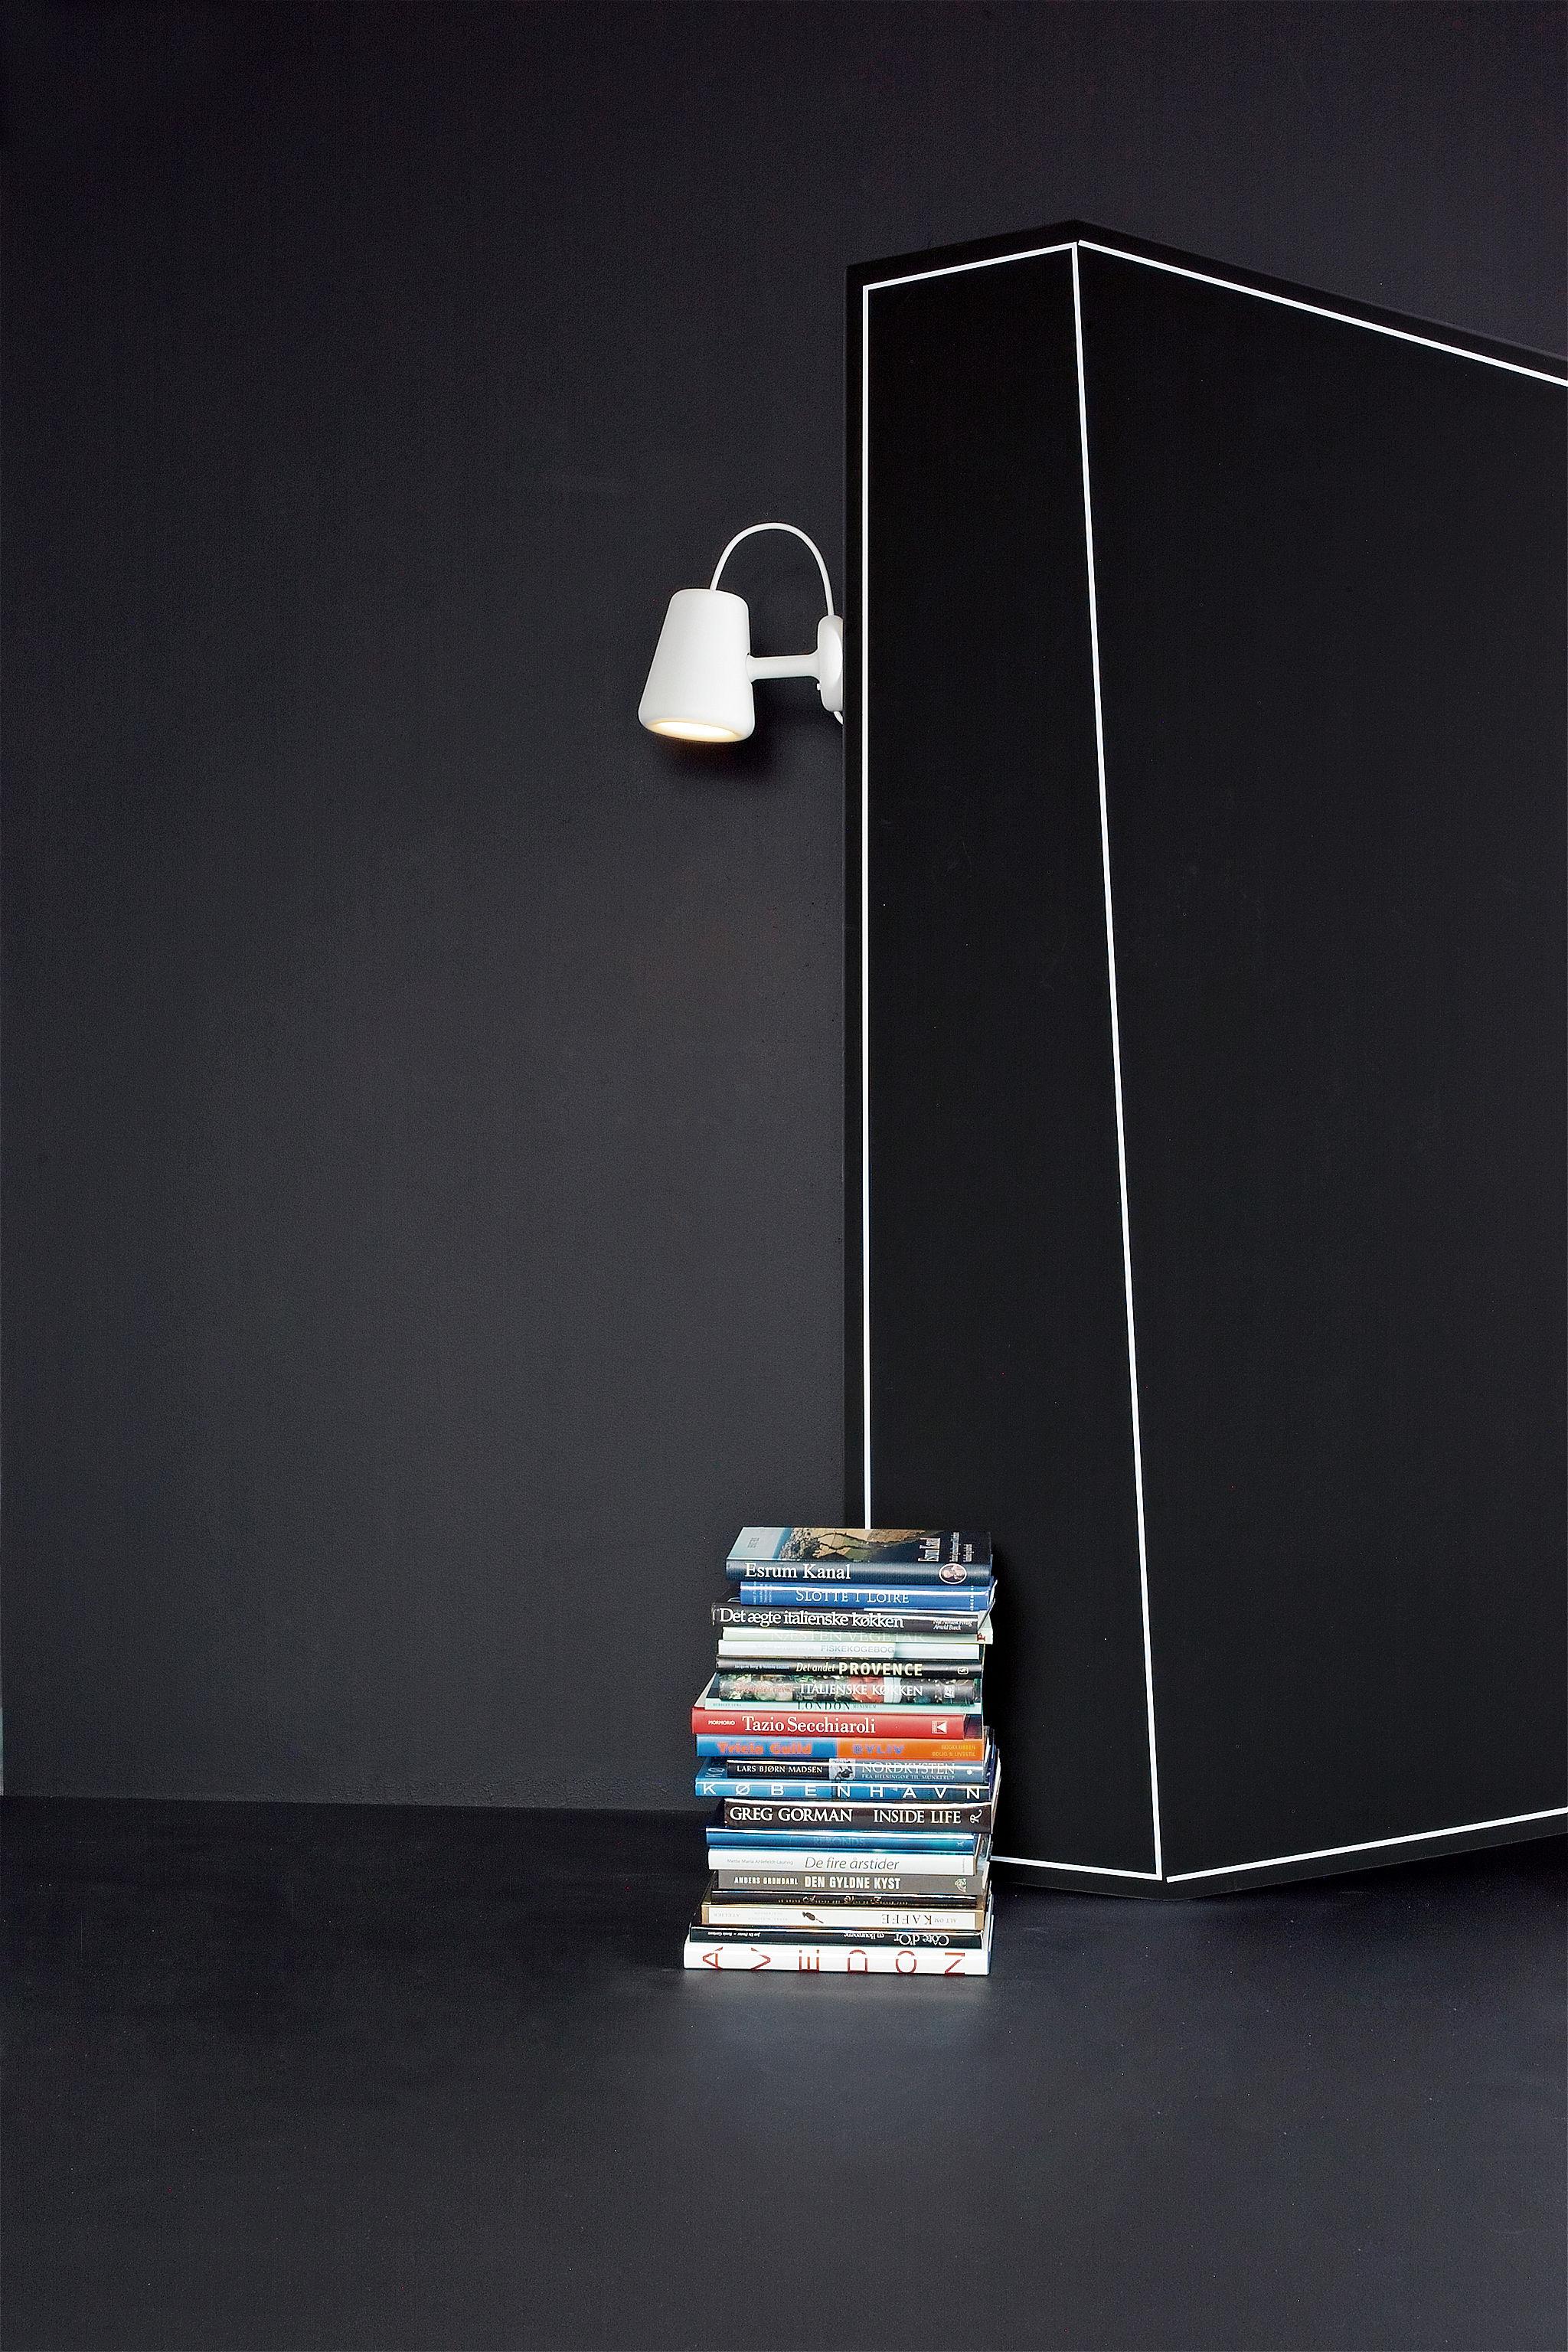 oj wandleuchte ohne stecker zum direkten stromanschluss an der wand wei ohne. Black Bedroom Furniture Sets. Home Design Ideas